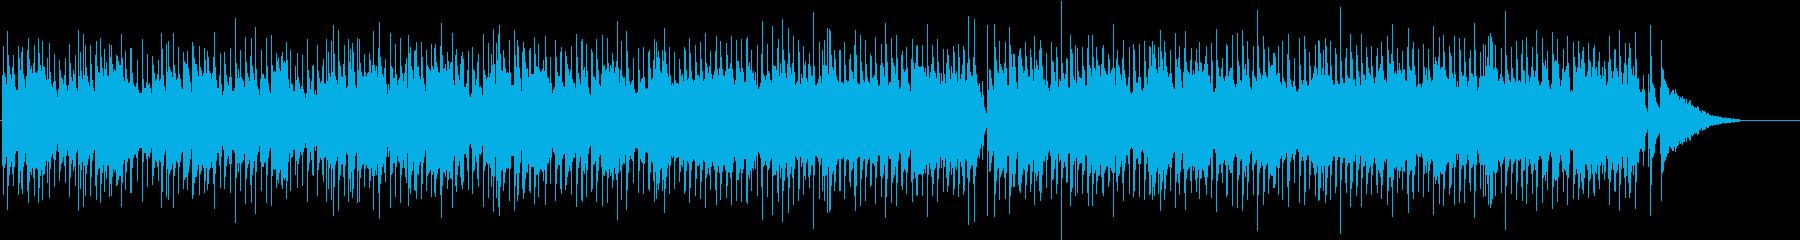 ほのぼのまったりなポップなBGMの再生済みの波形